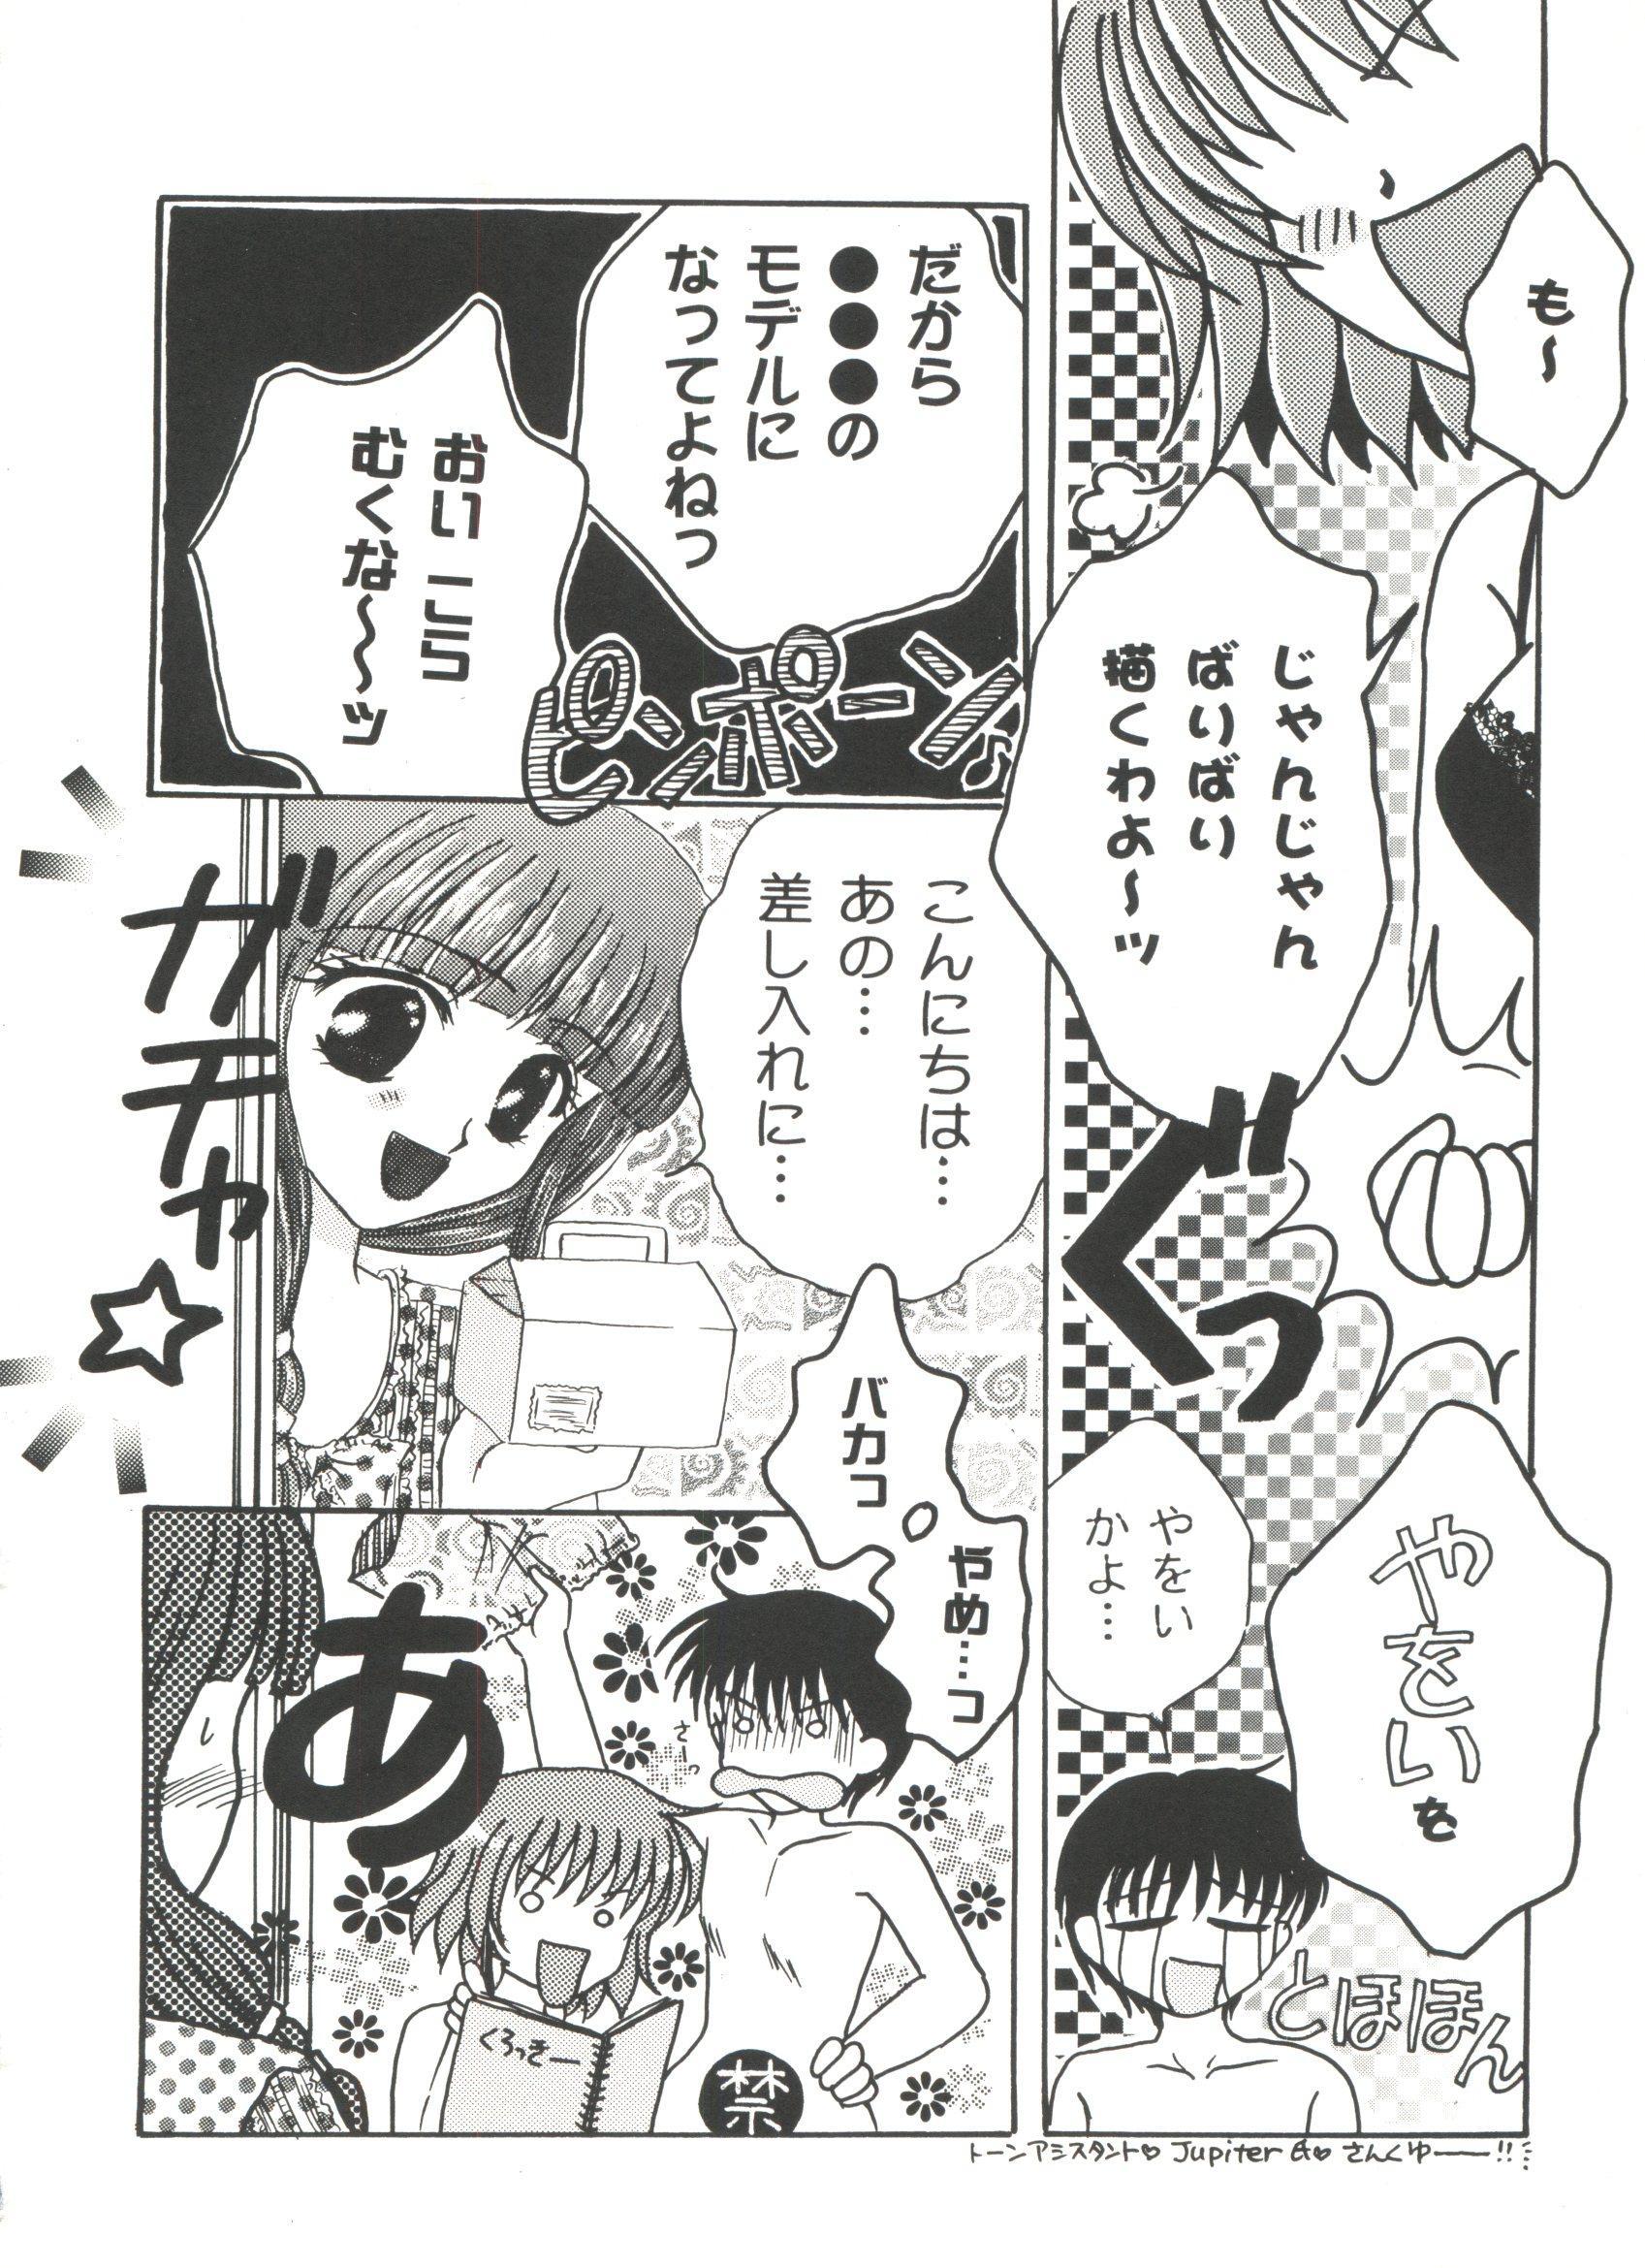 Bishoujo Doujinshi Anthology Cute 5 88